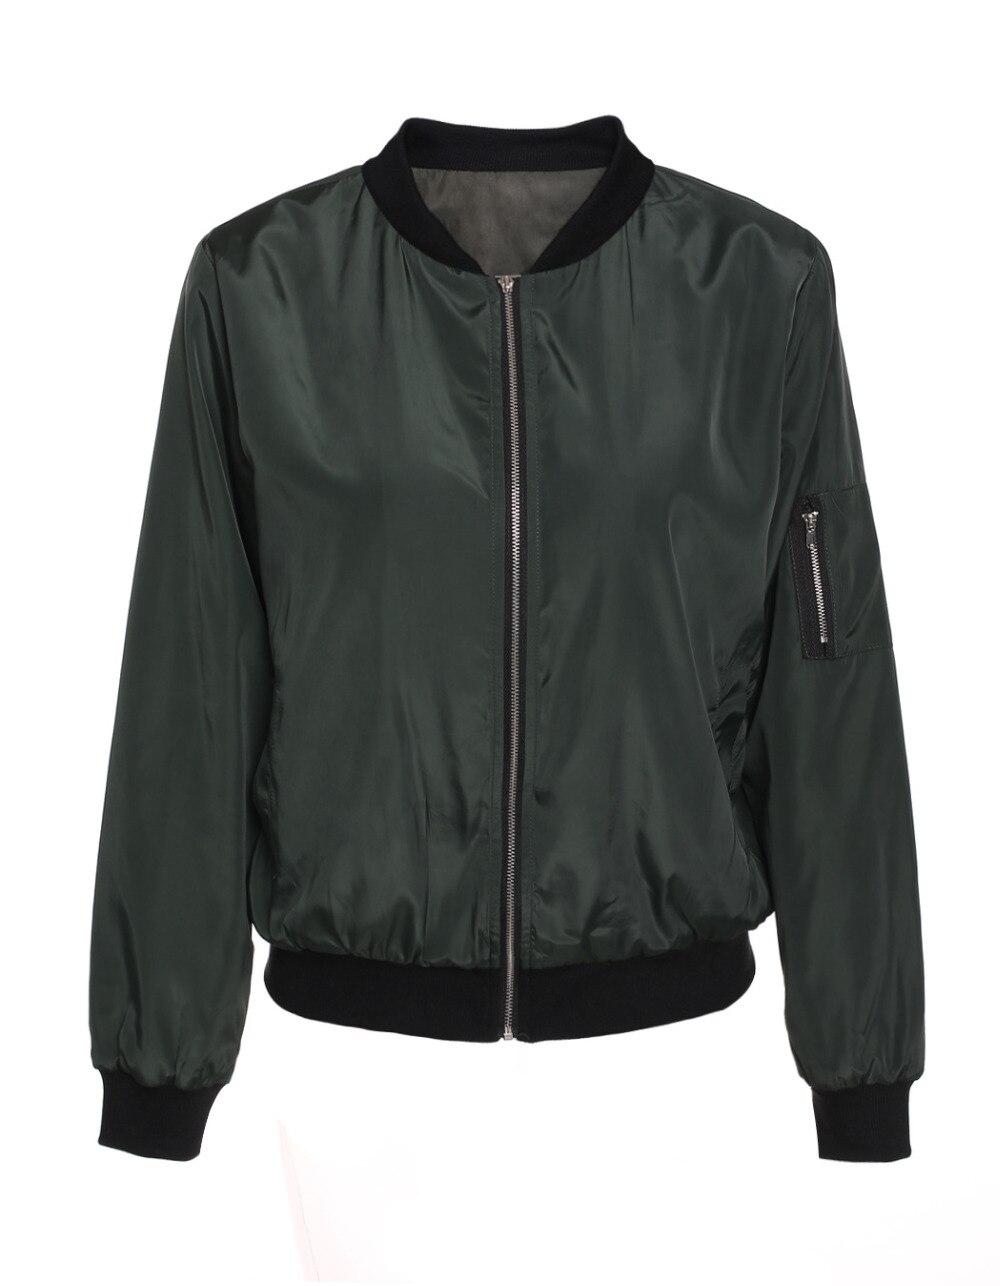 Livraison gratuite NWT Eshtanga femmes randonnée vestes super qualité col montant coupe-vent vestes extérieur séchage rapide veste 13 couleurs - 6